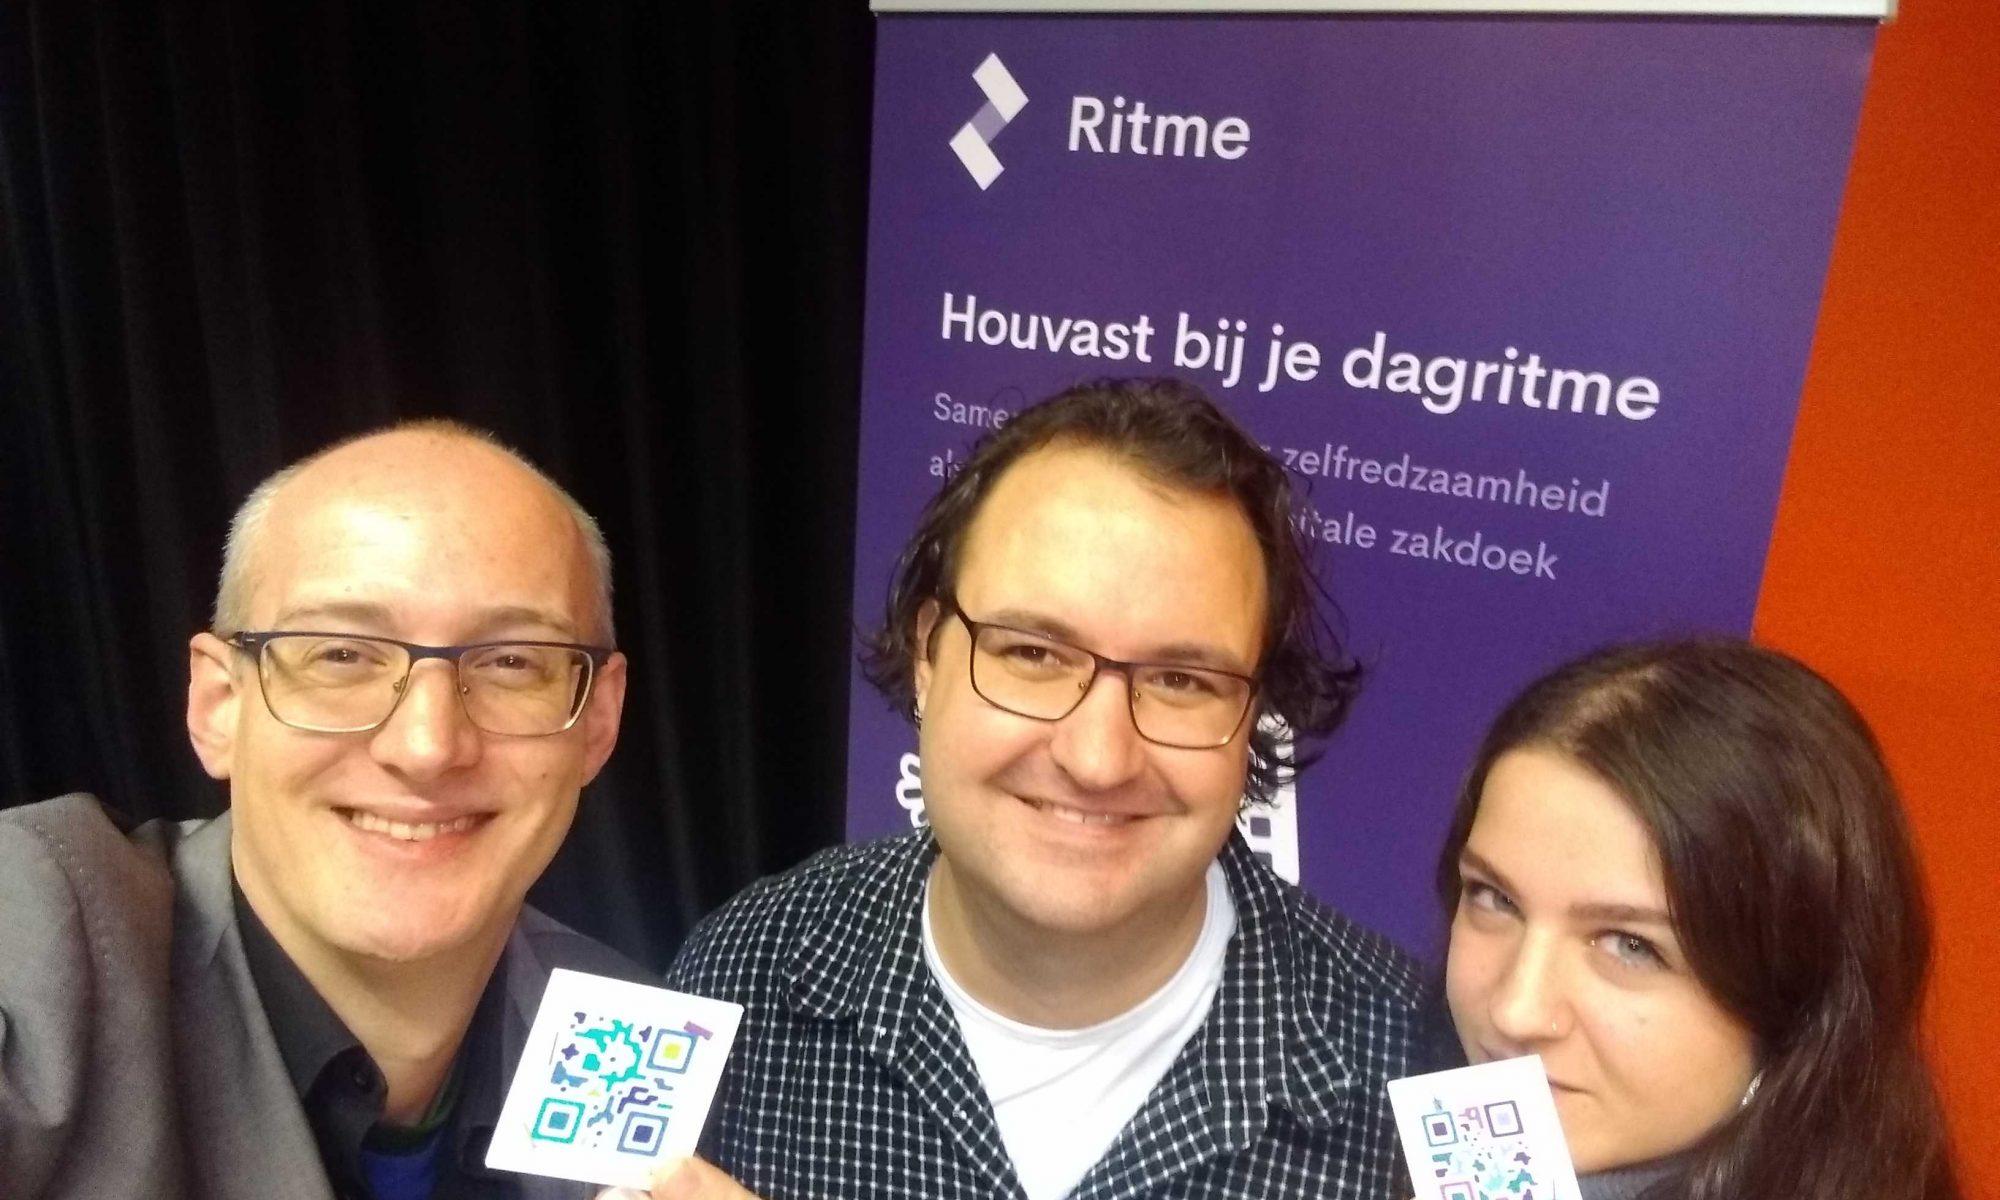 Ontmoeting met Ritme founder of NVA conferentie